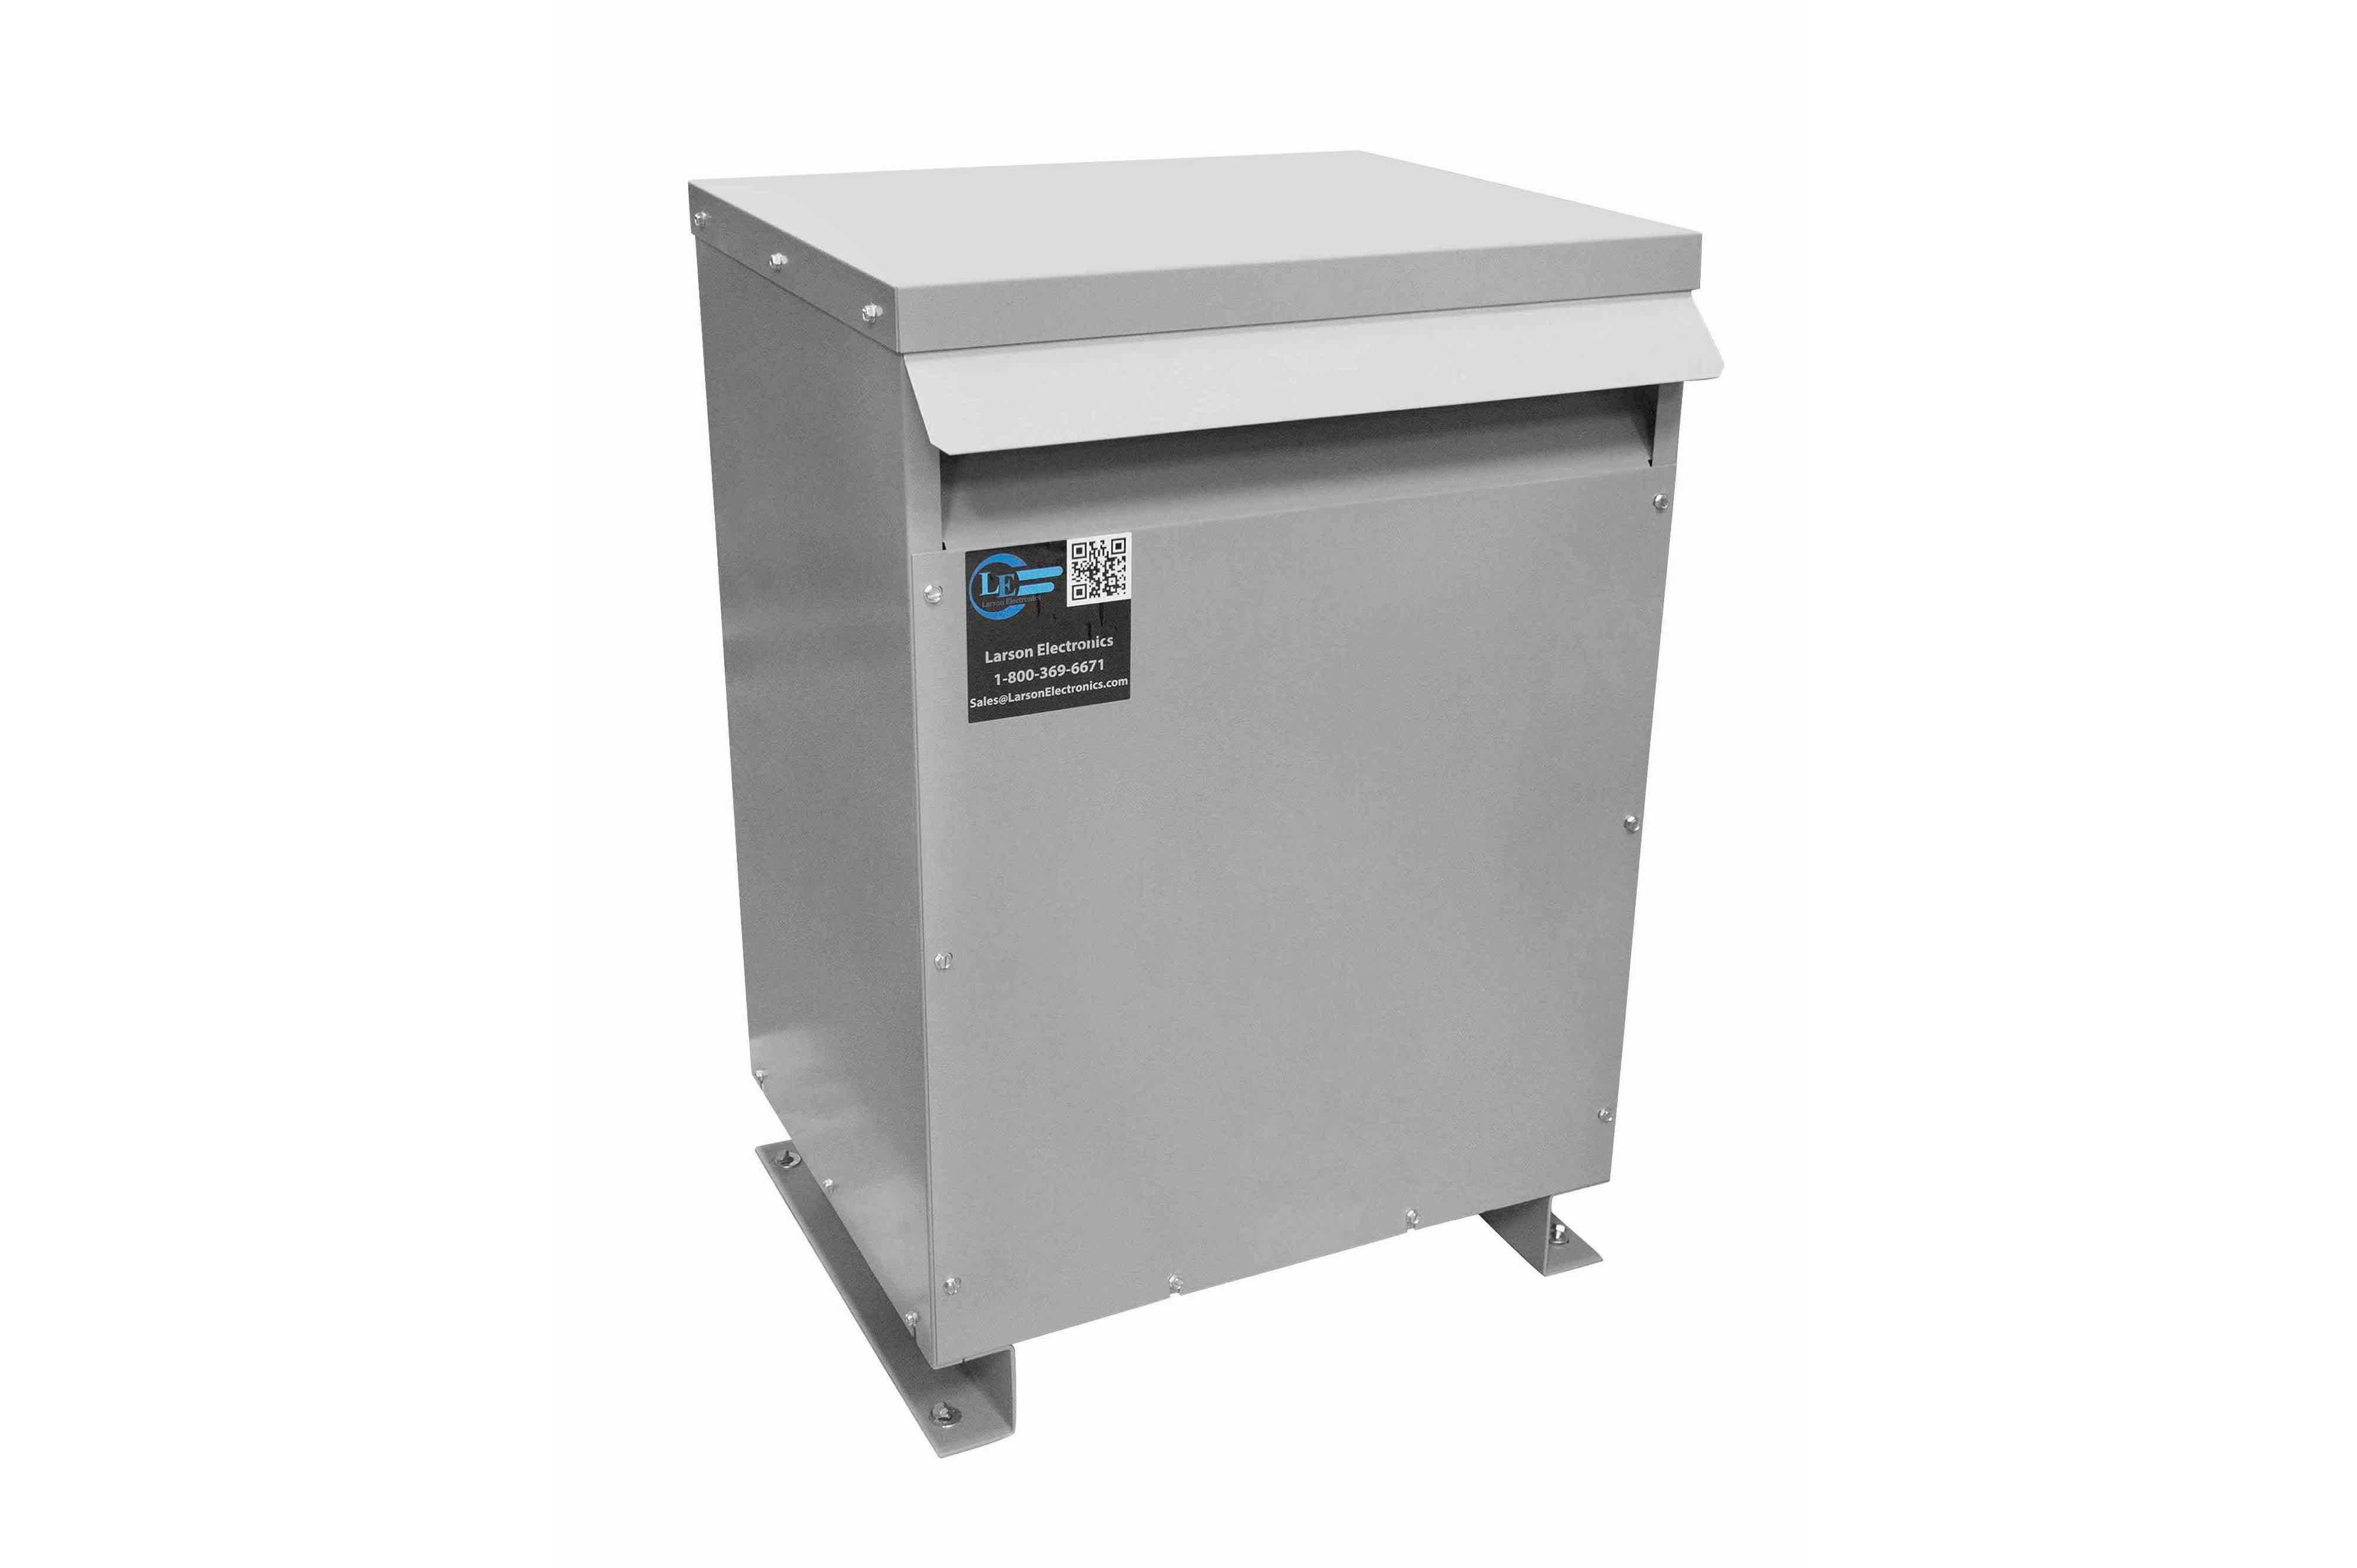 750 kVA 3PH Isolation Transformer, 480V Delta Primary, 415V Delta Secondary, N3R, Ventilated, 60 Hz